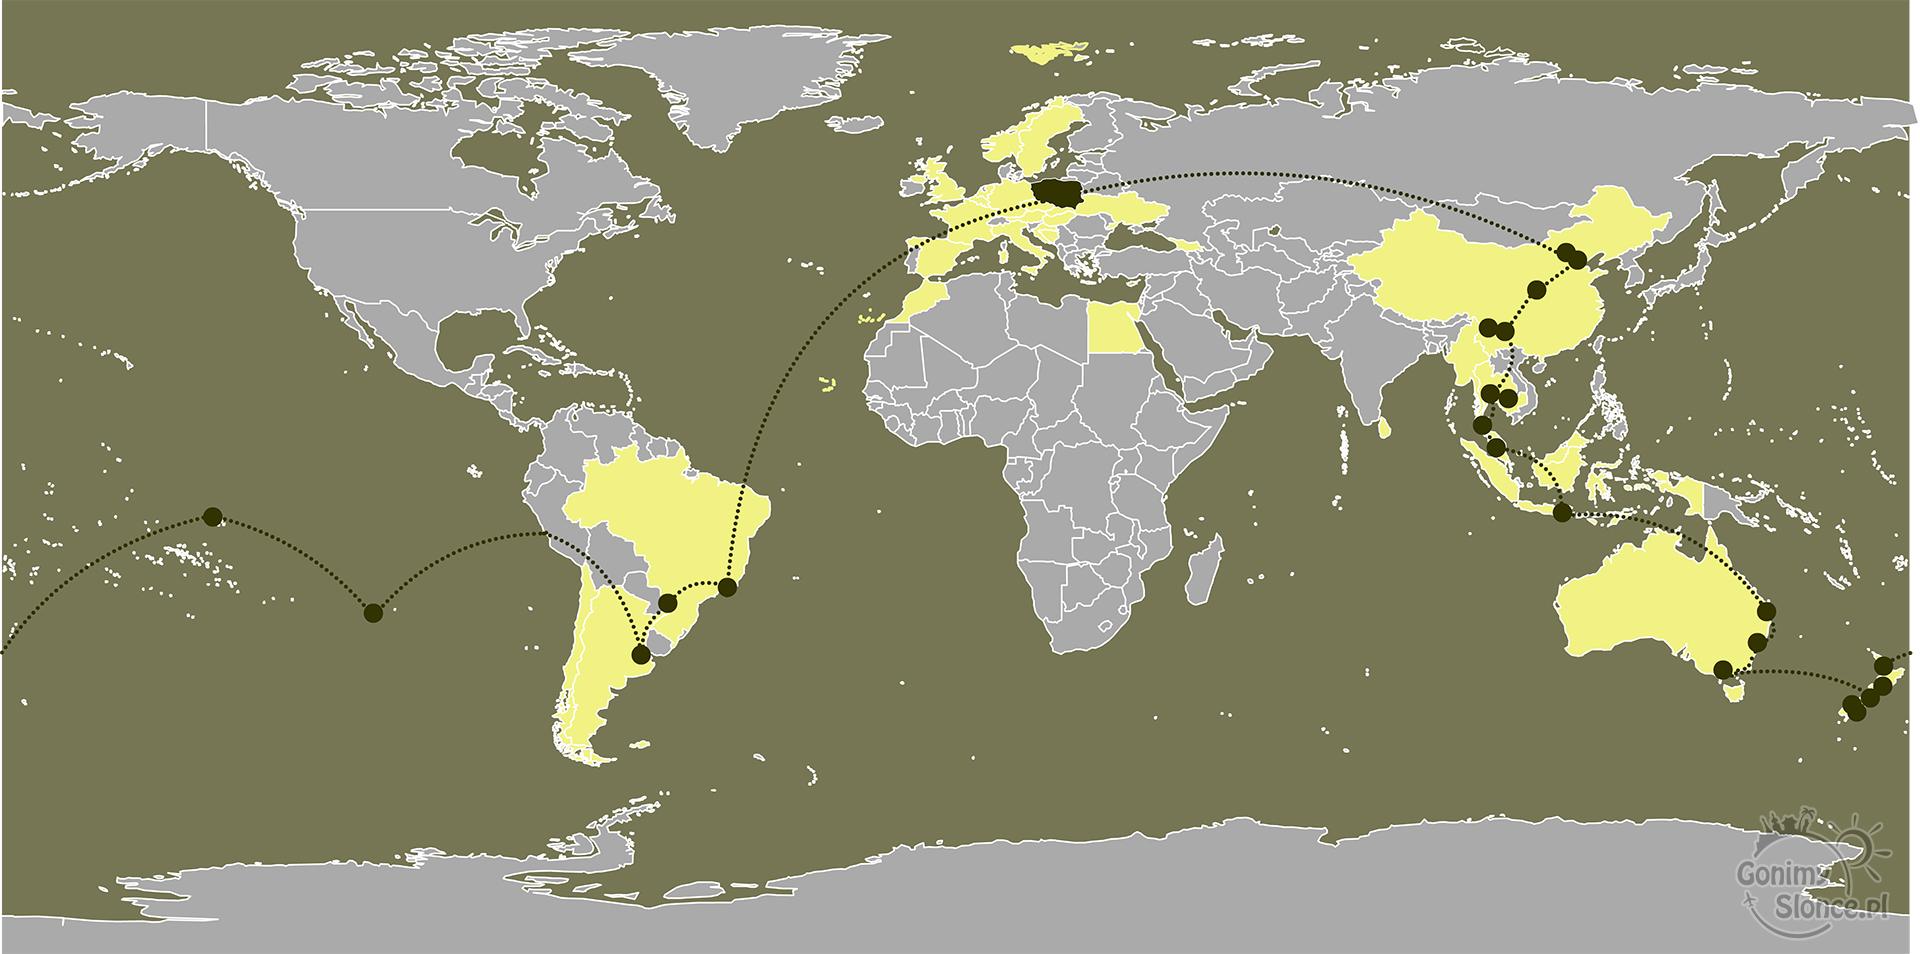 mapa podróży dookoła świata - gonimyslonce.pl